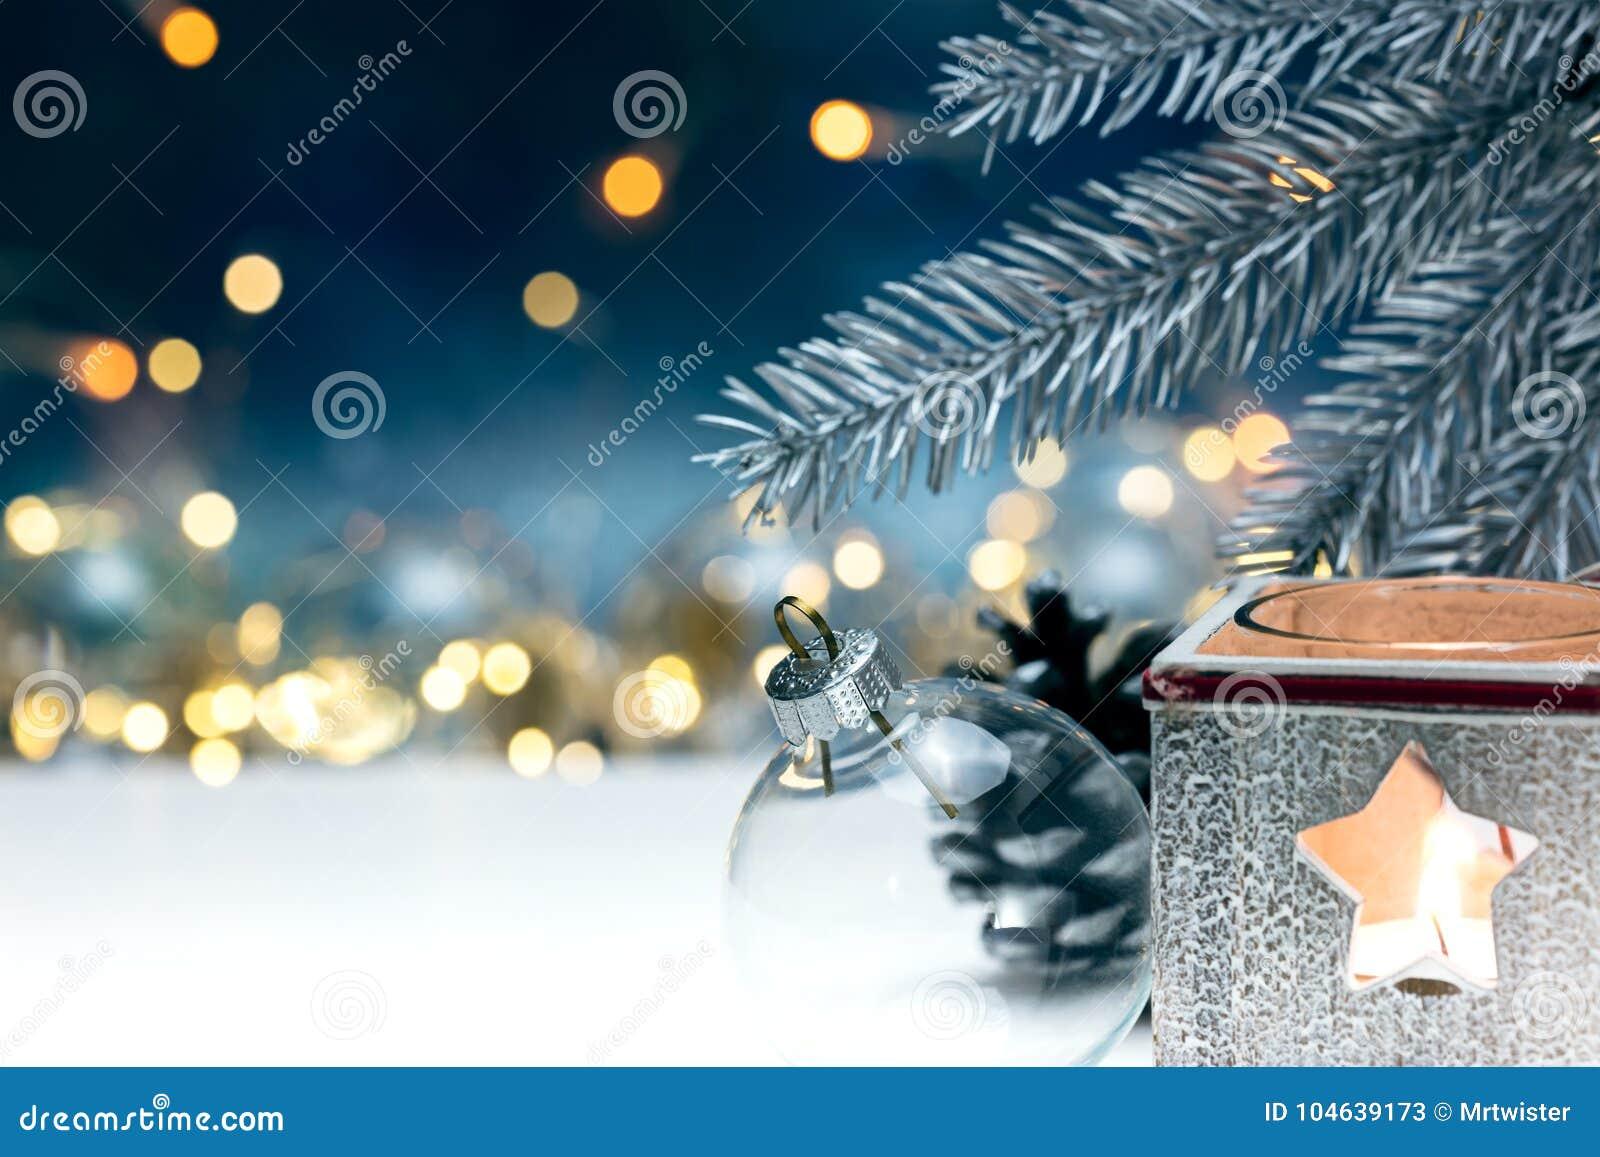 Download Kerstboomdecoratie En Sparrentak Op Vage Slinger Stock Afbeelding - Afbeelding bestaande uit kegel, apparatuur: 104639173